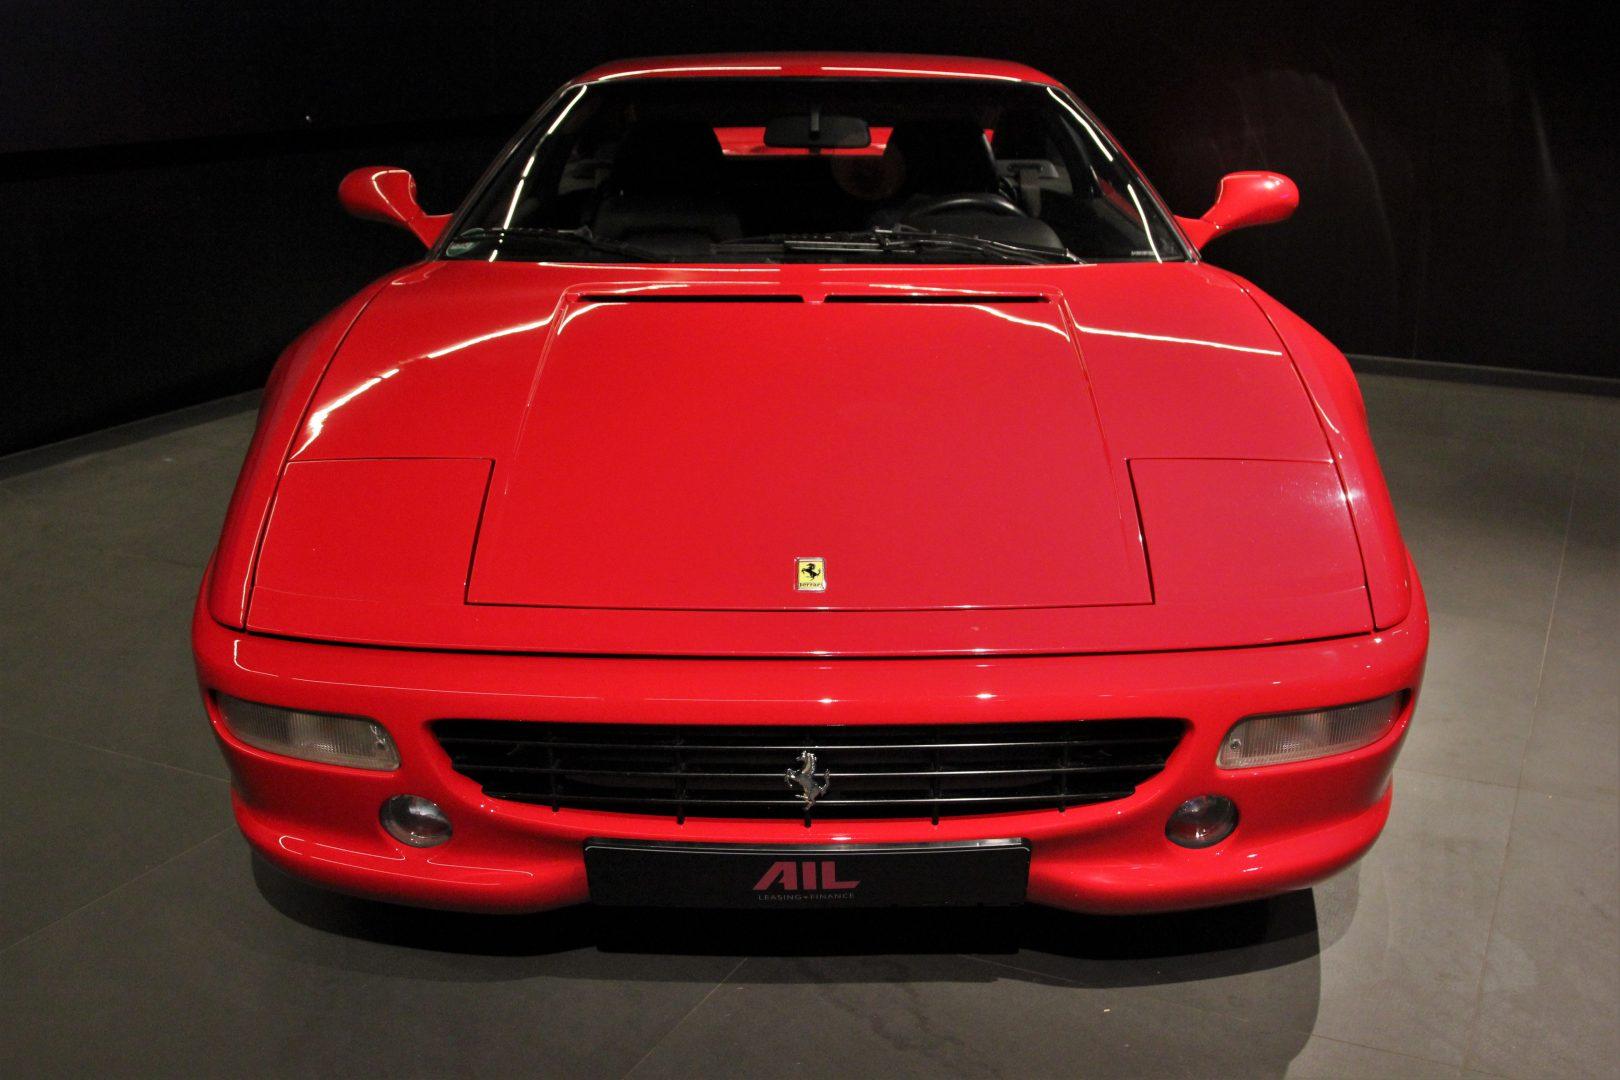 AIL Ferrari F355 GTB 3